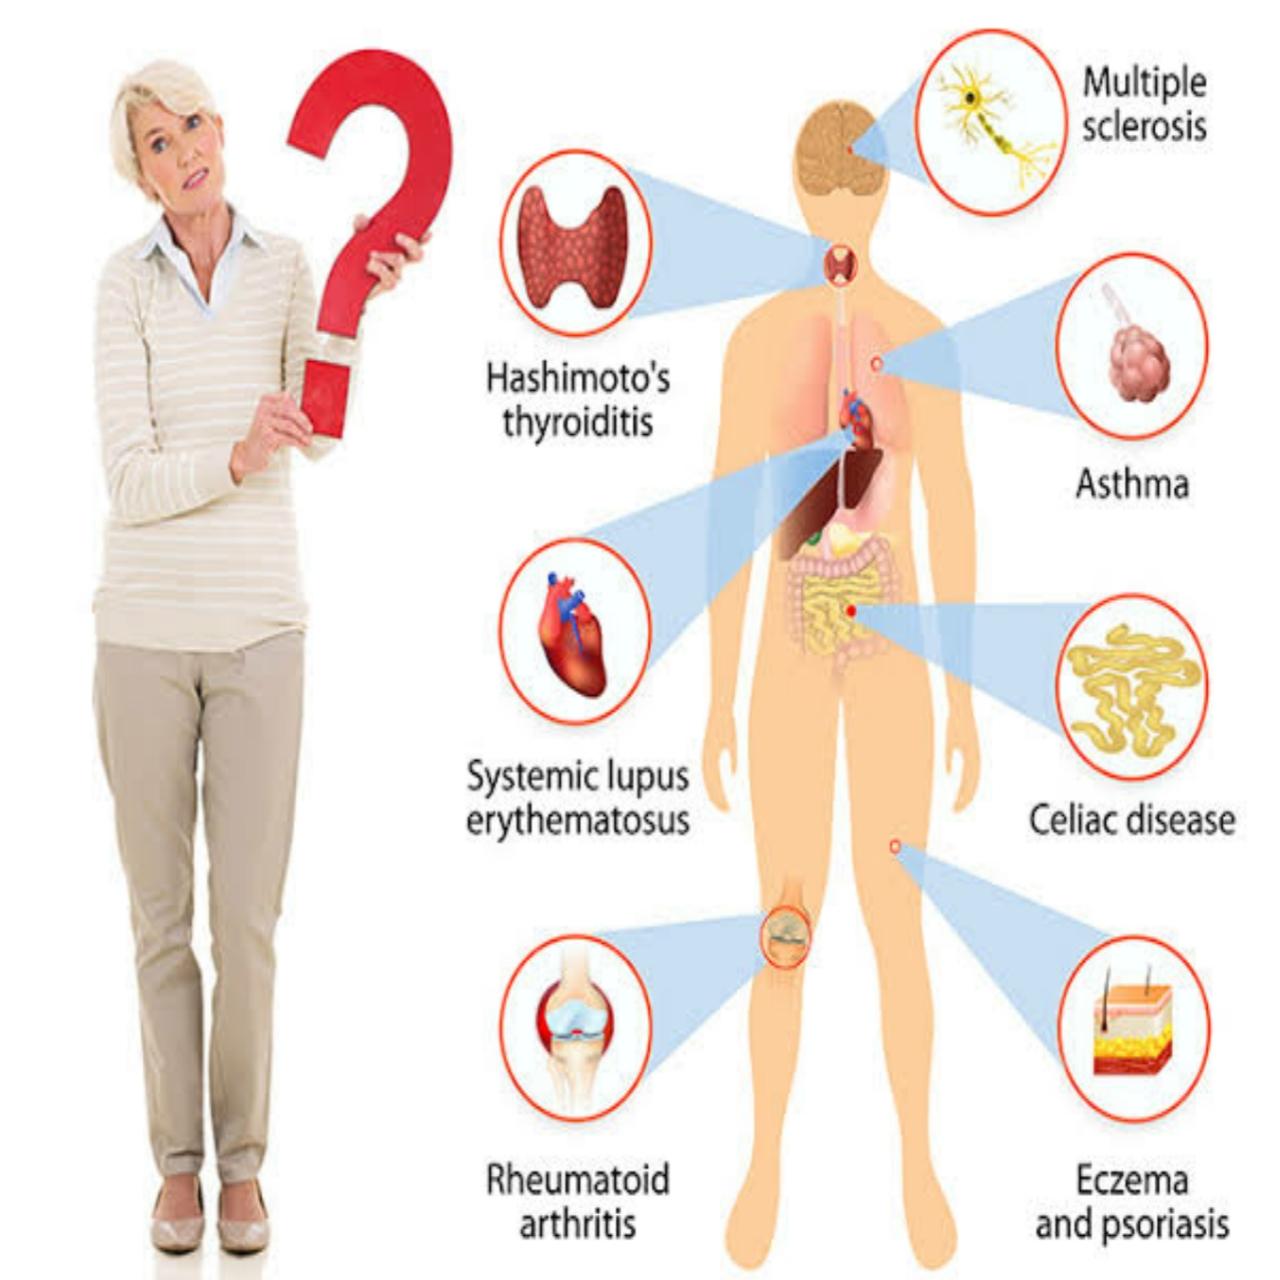 Autoimmune disease in immune system